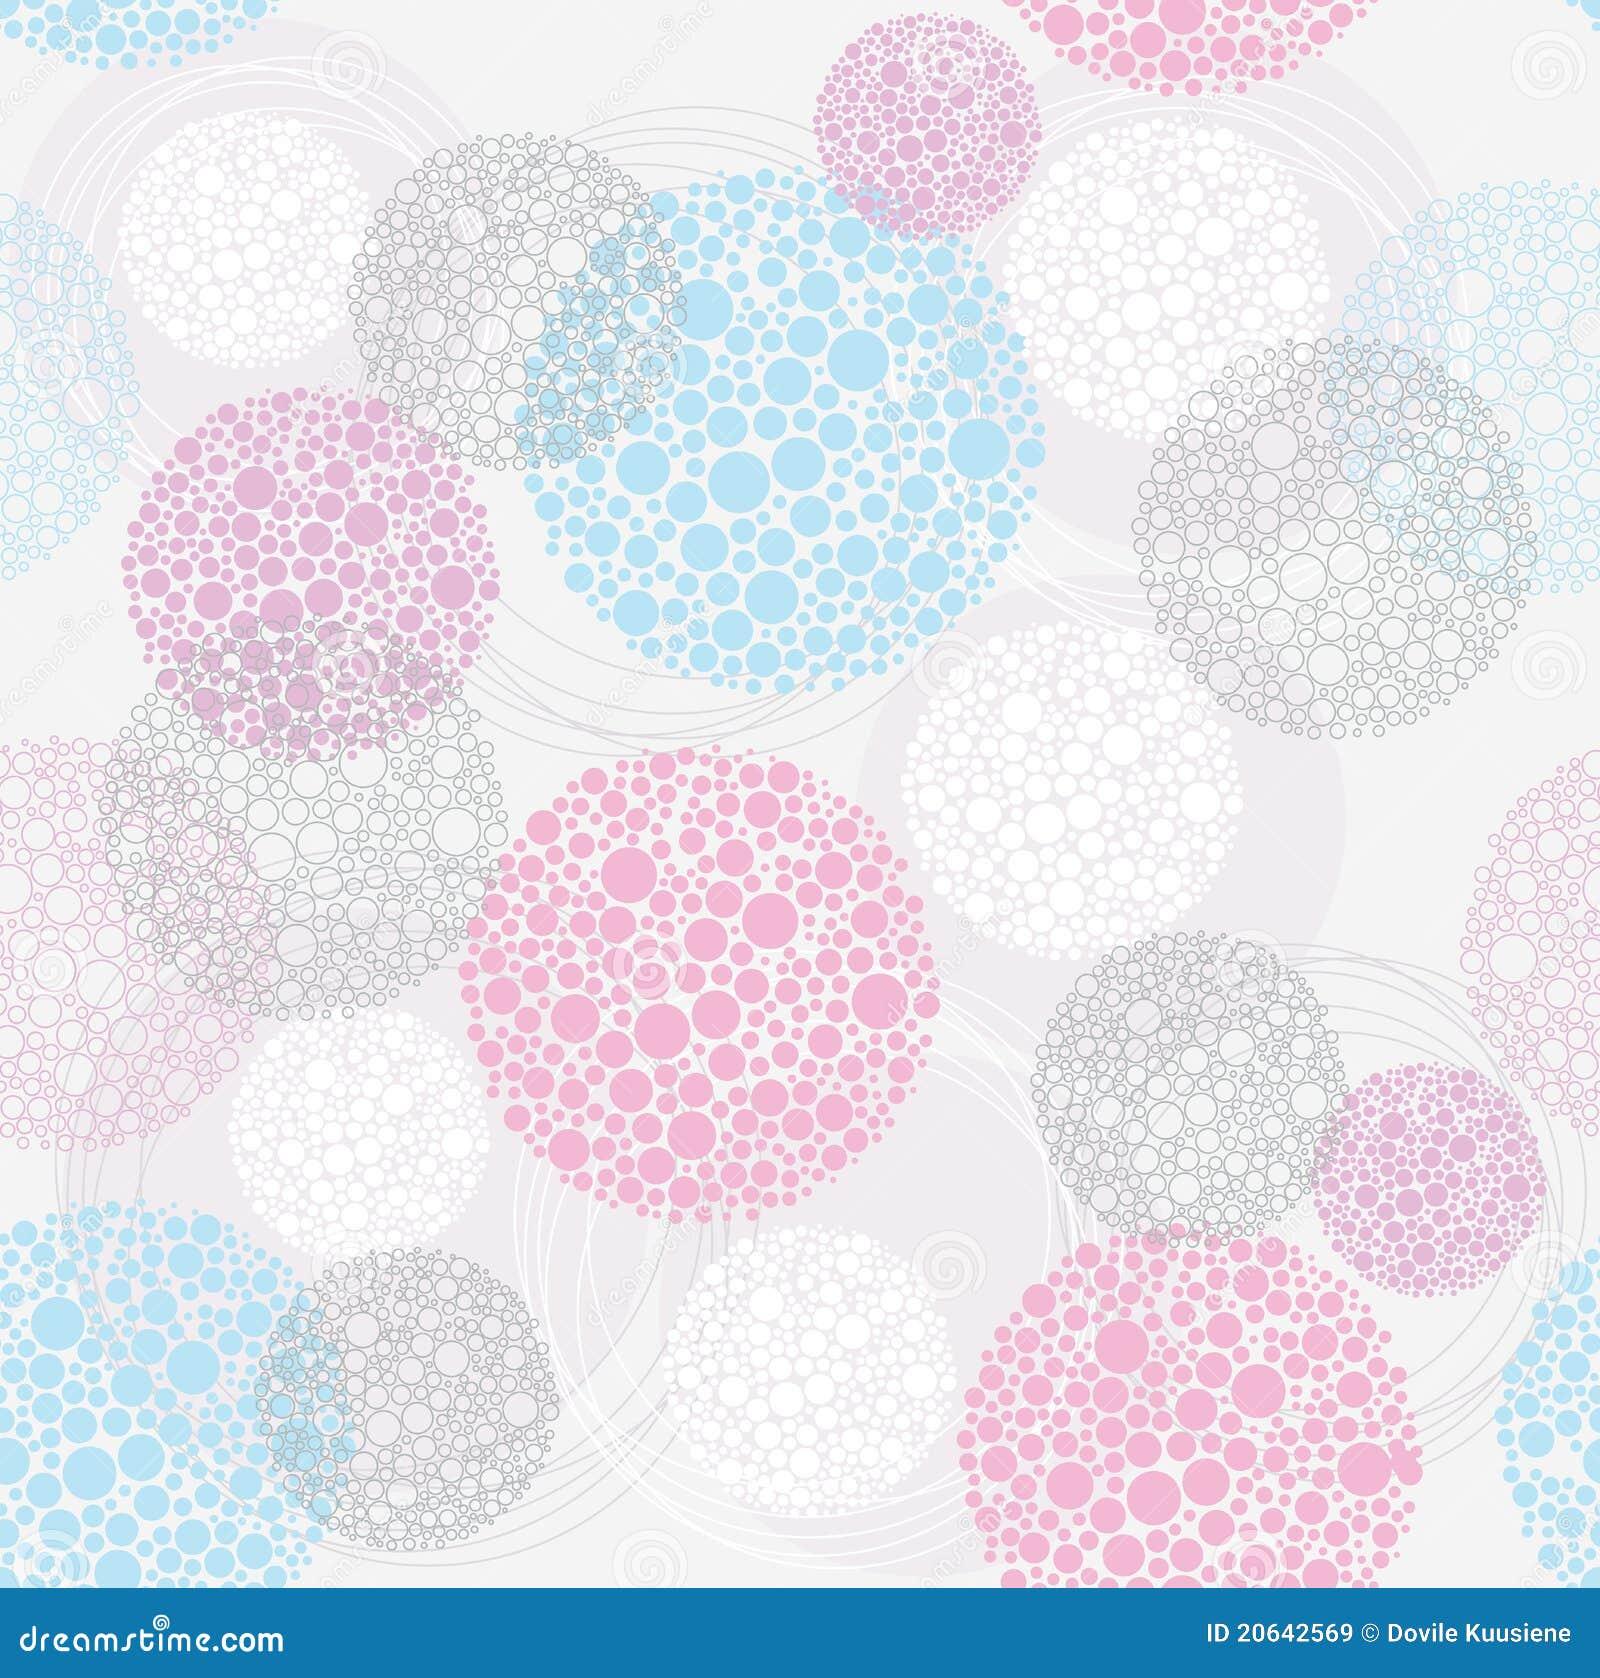 Abstract cute seamless polka dot circle background